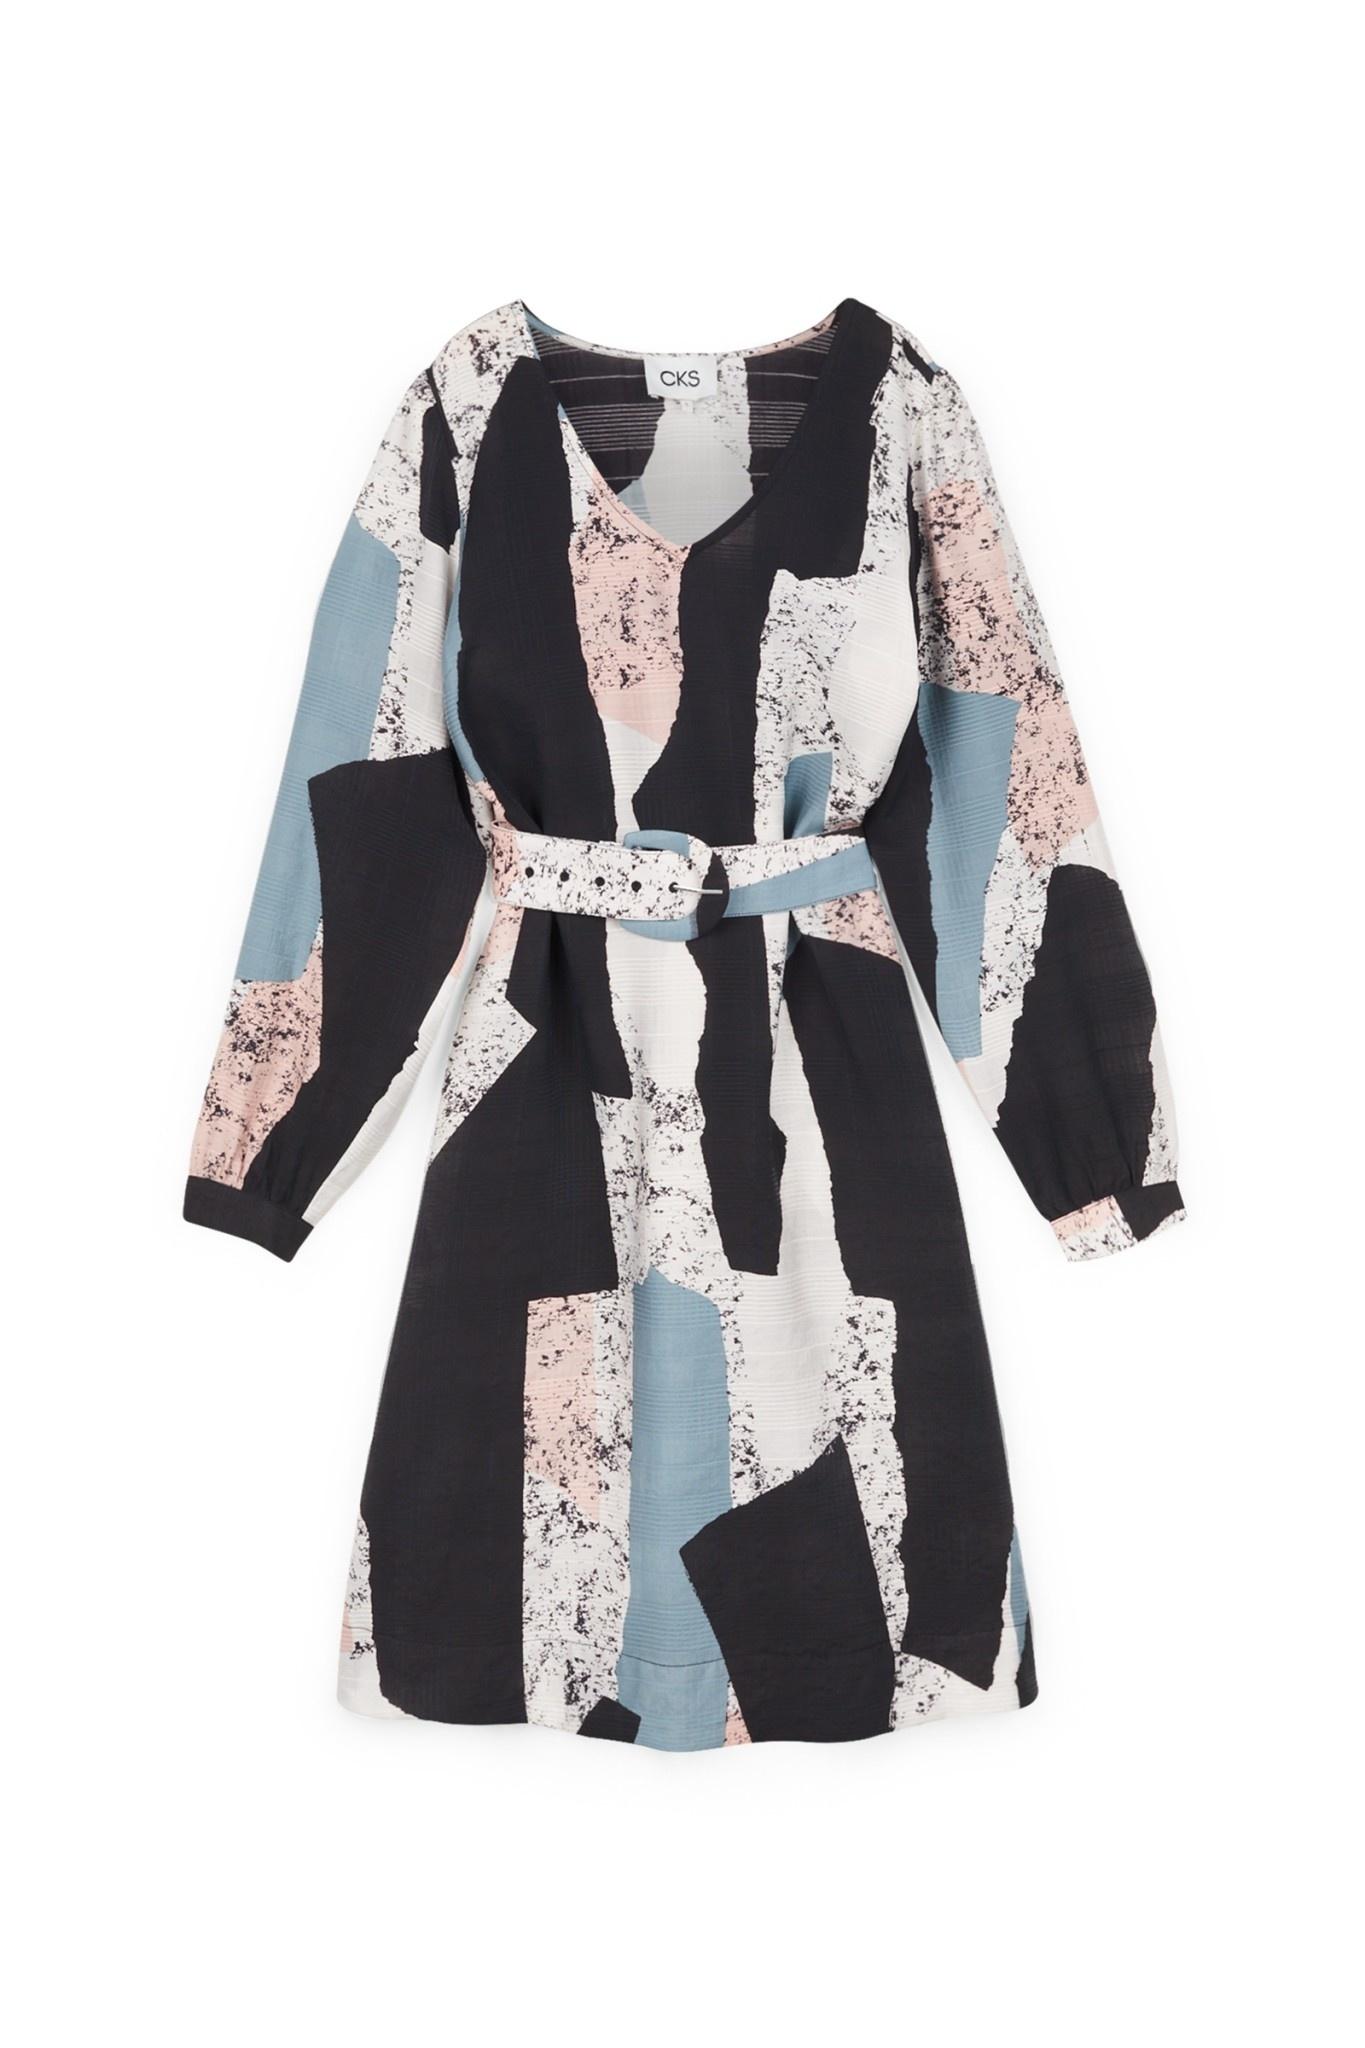 CKS Parkers dress